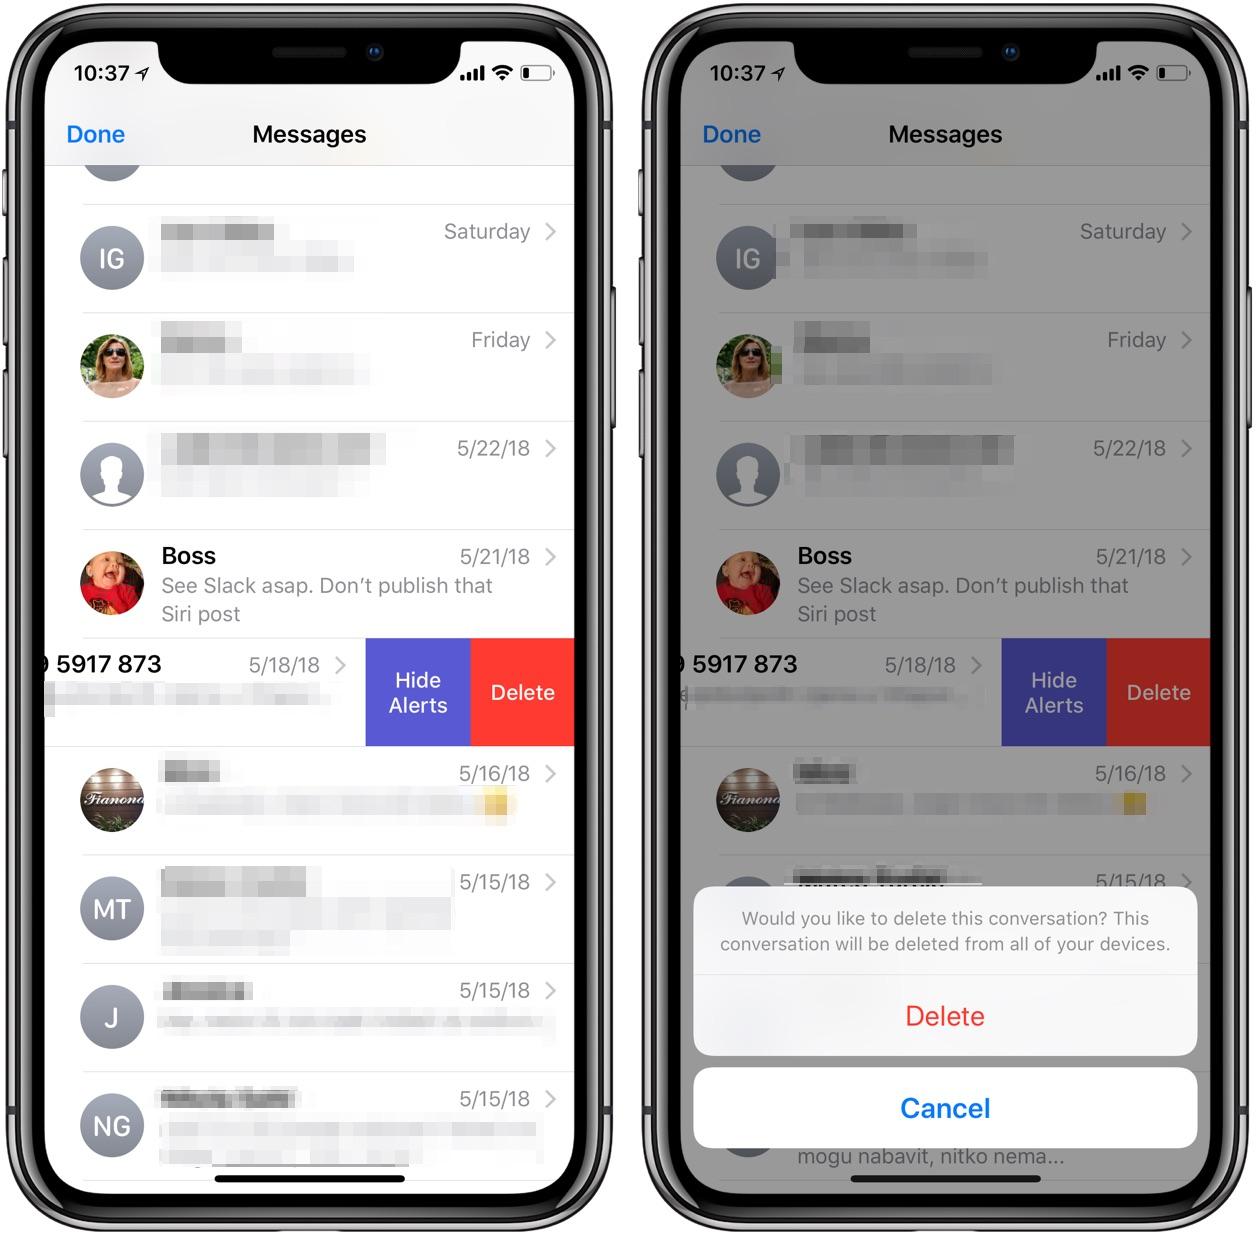 Mensajes de Apple sincronización de iCloud eliminar mensaje de conversación